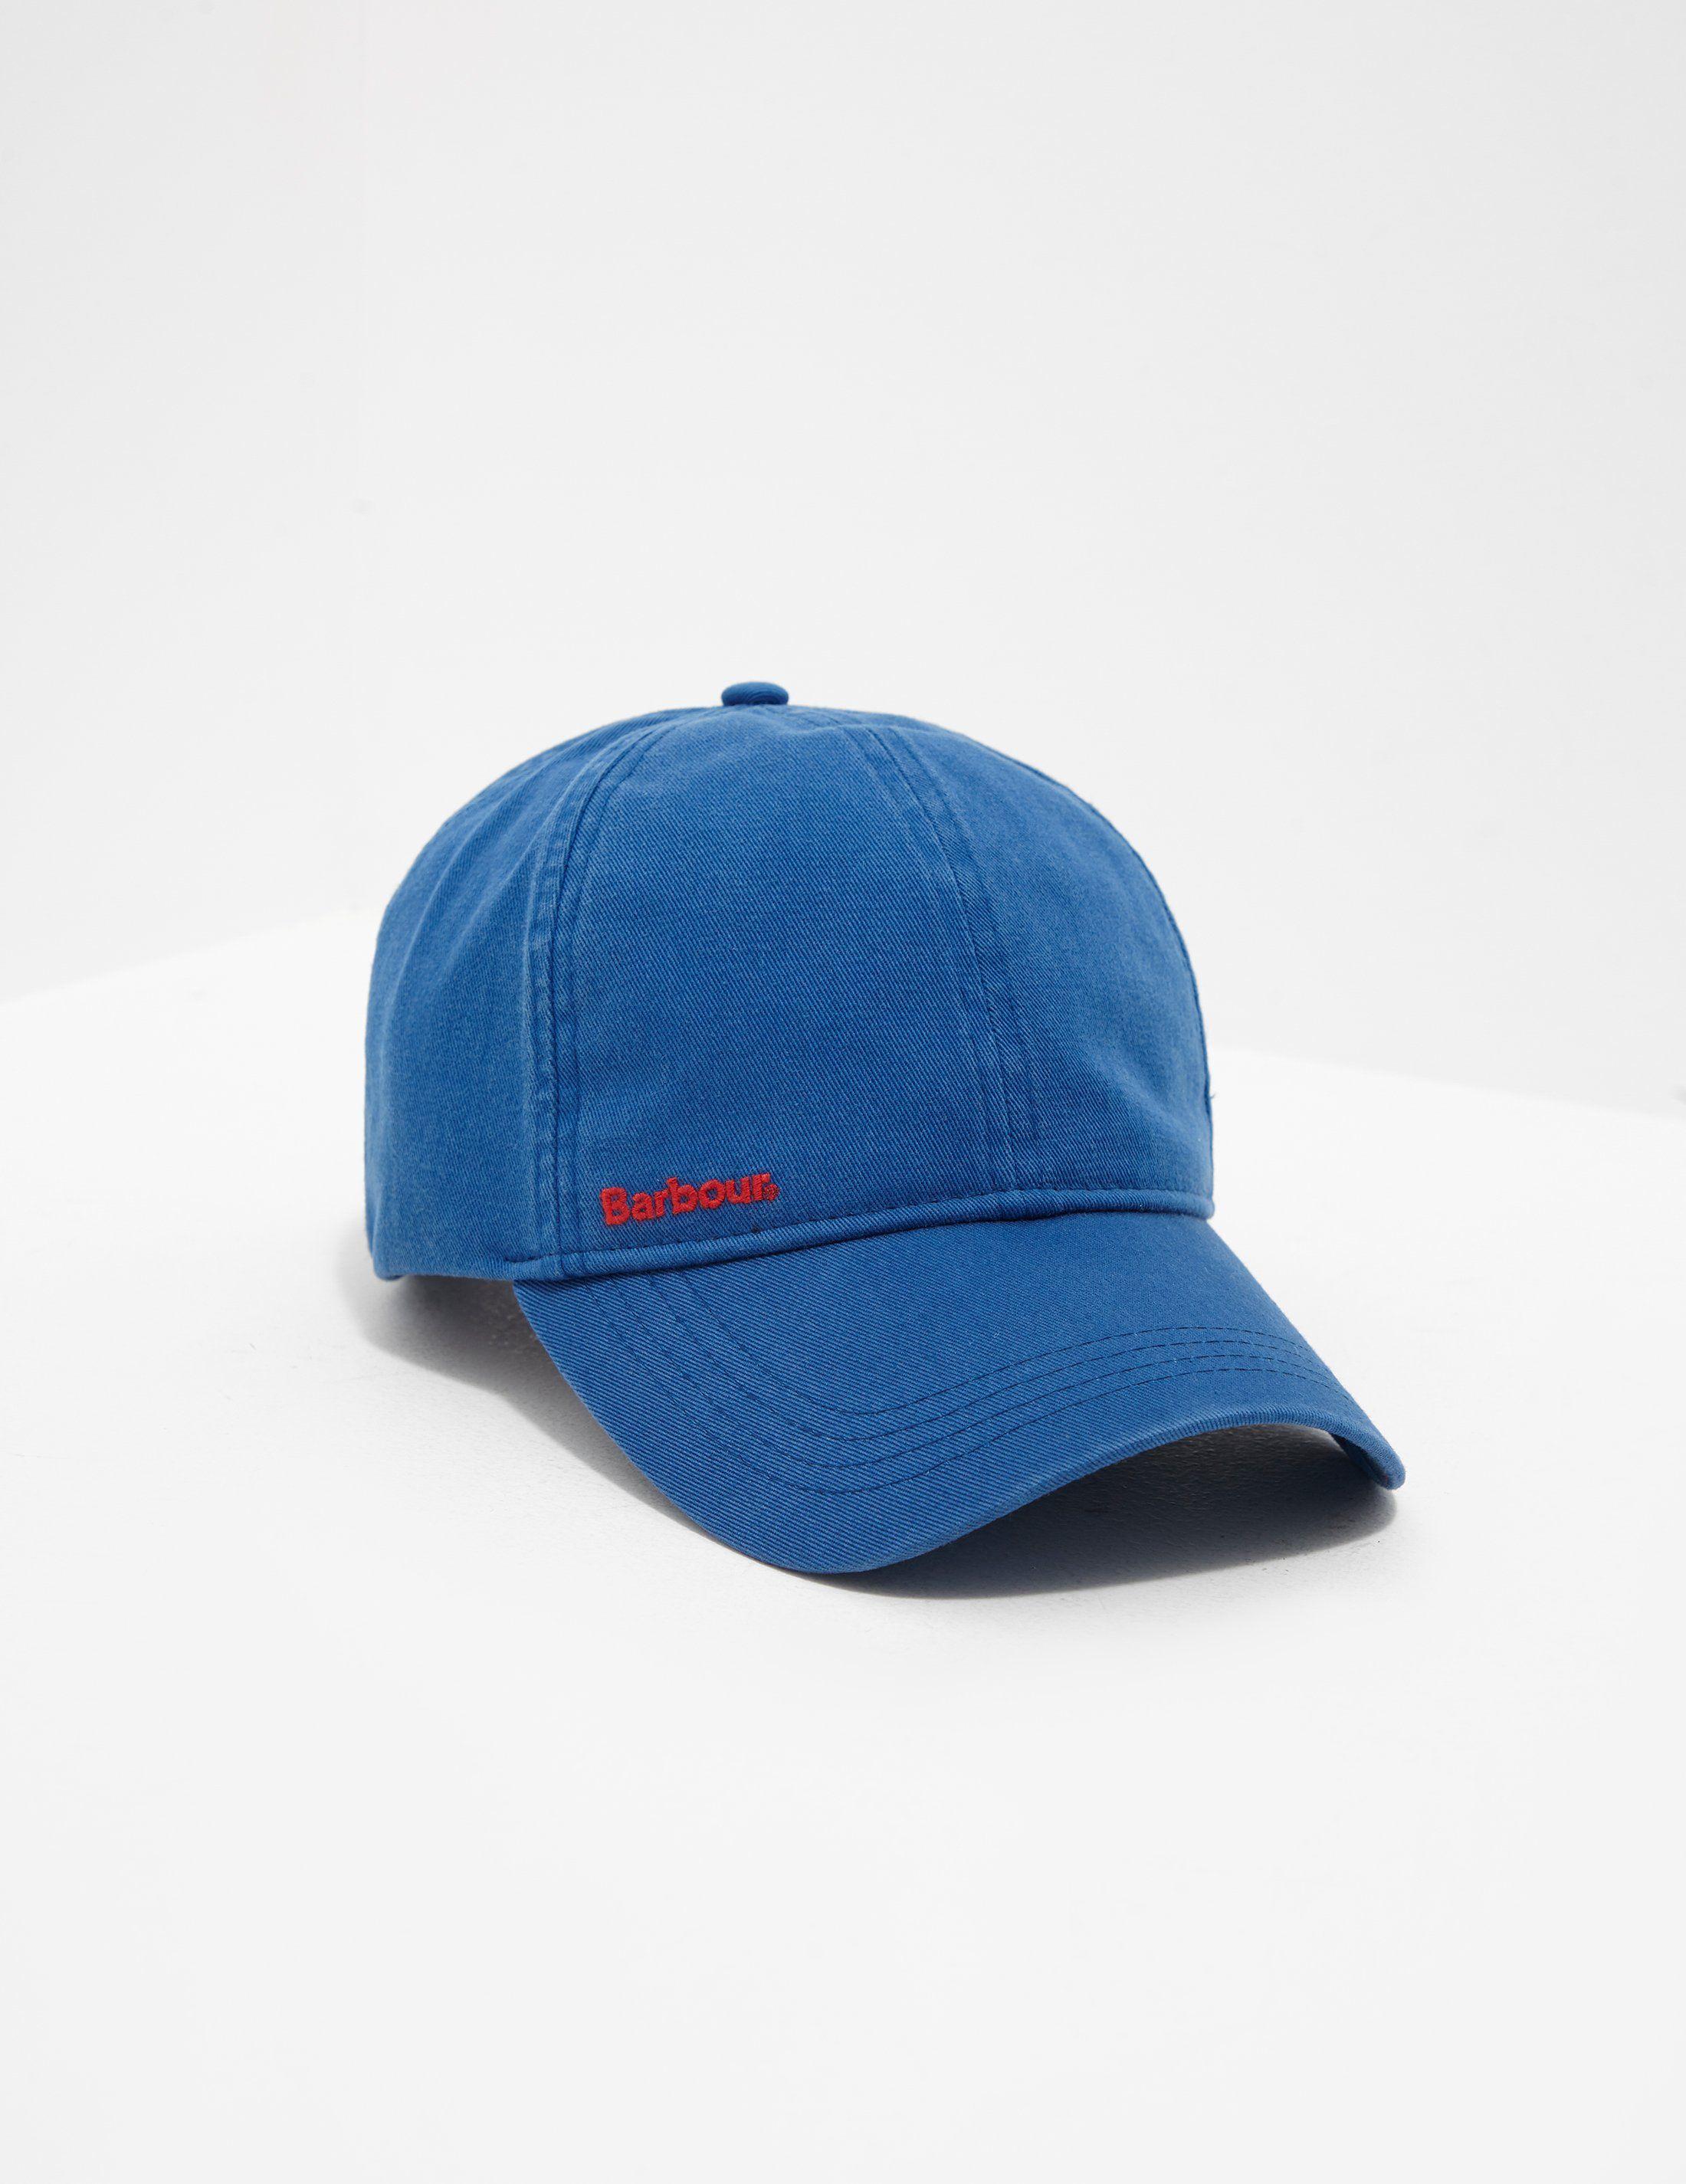 Barbour Cascade Tartan Cap